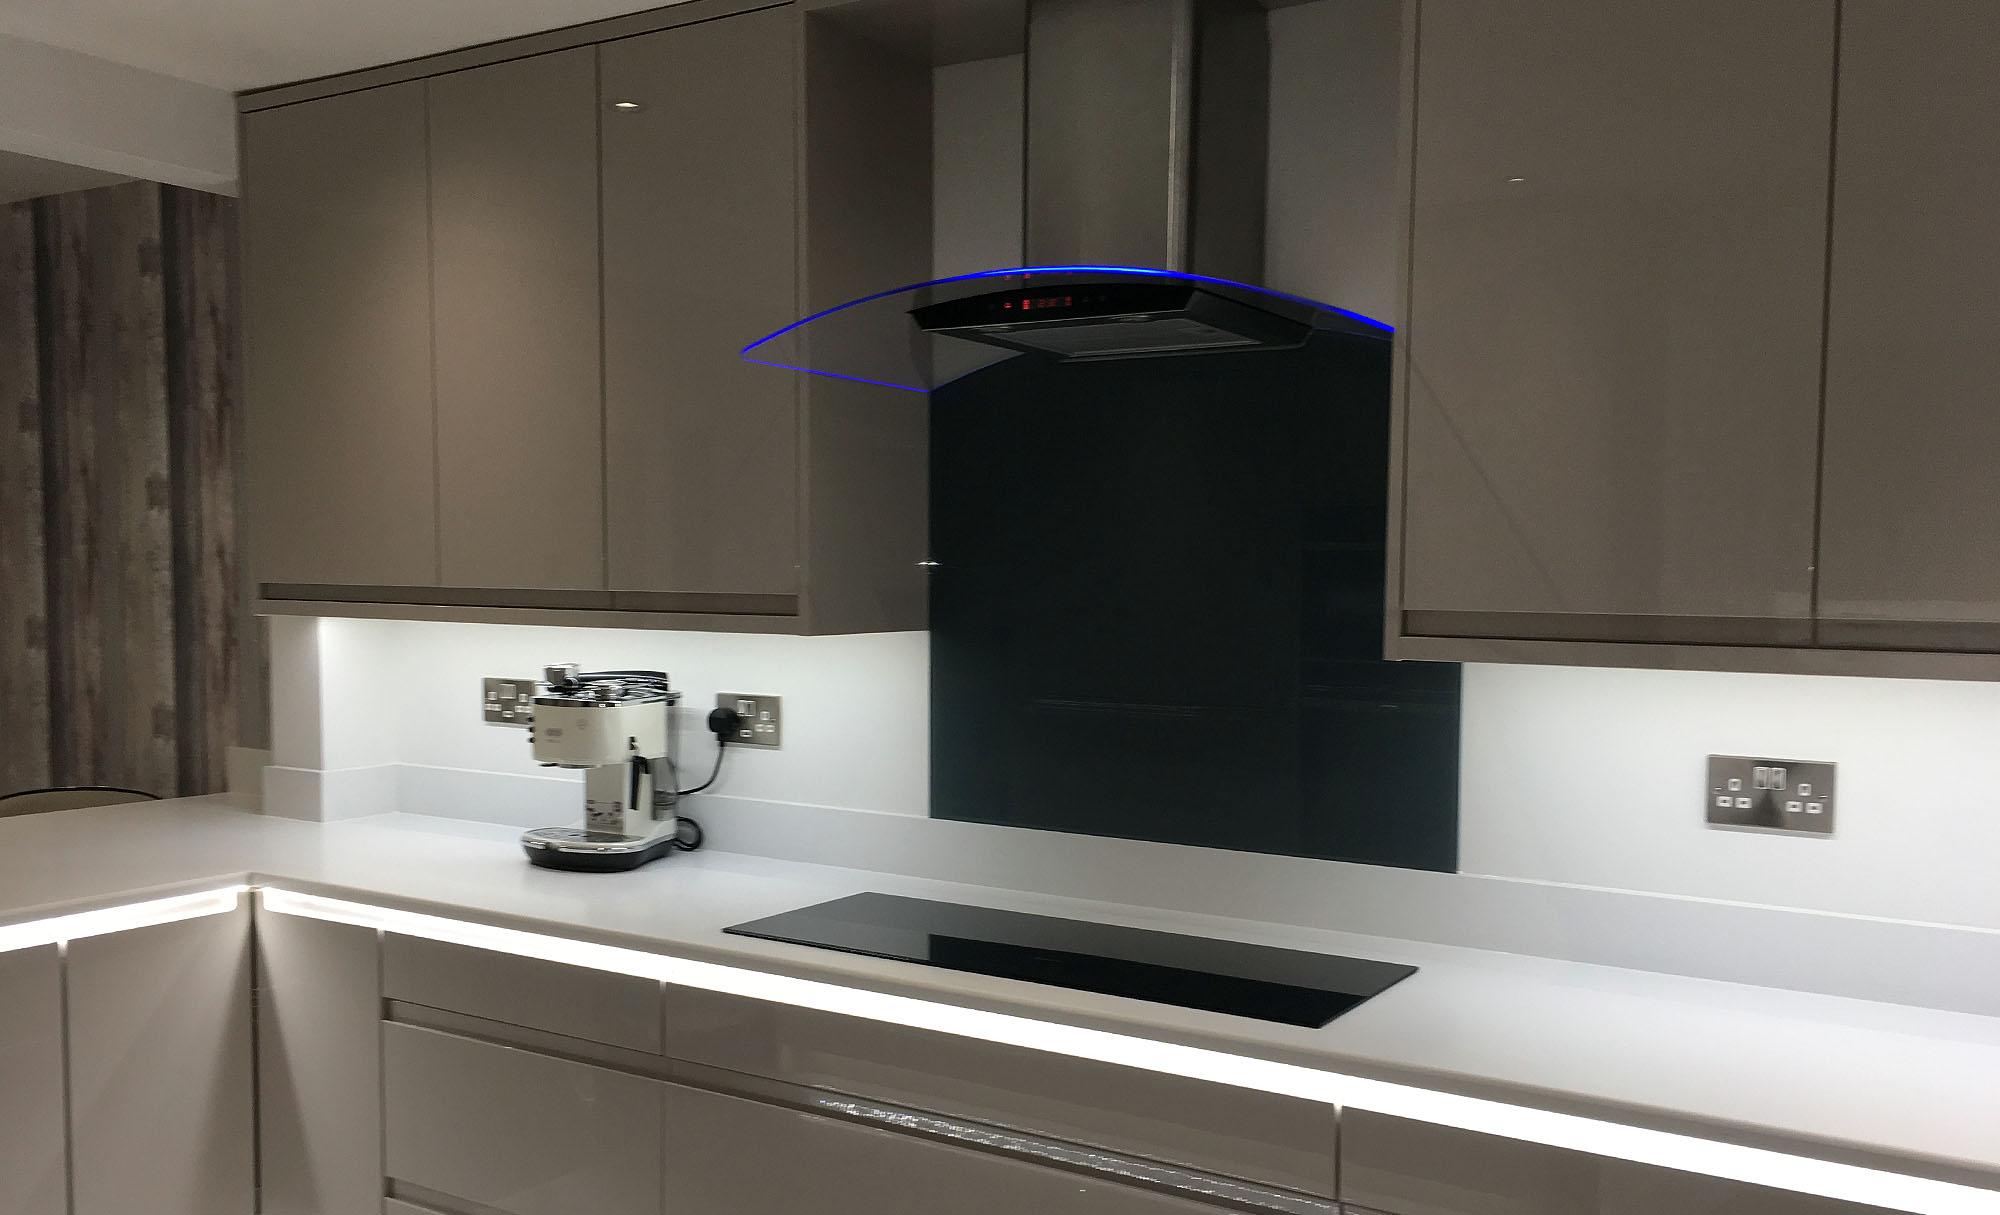 oven-strada-cashmere-kitchen